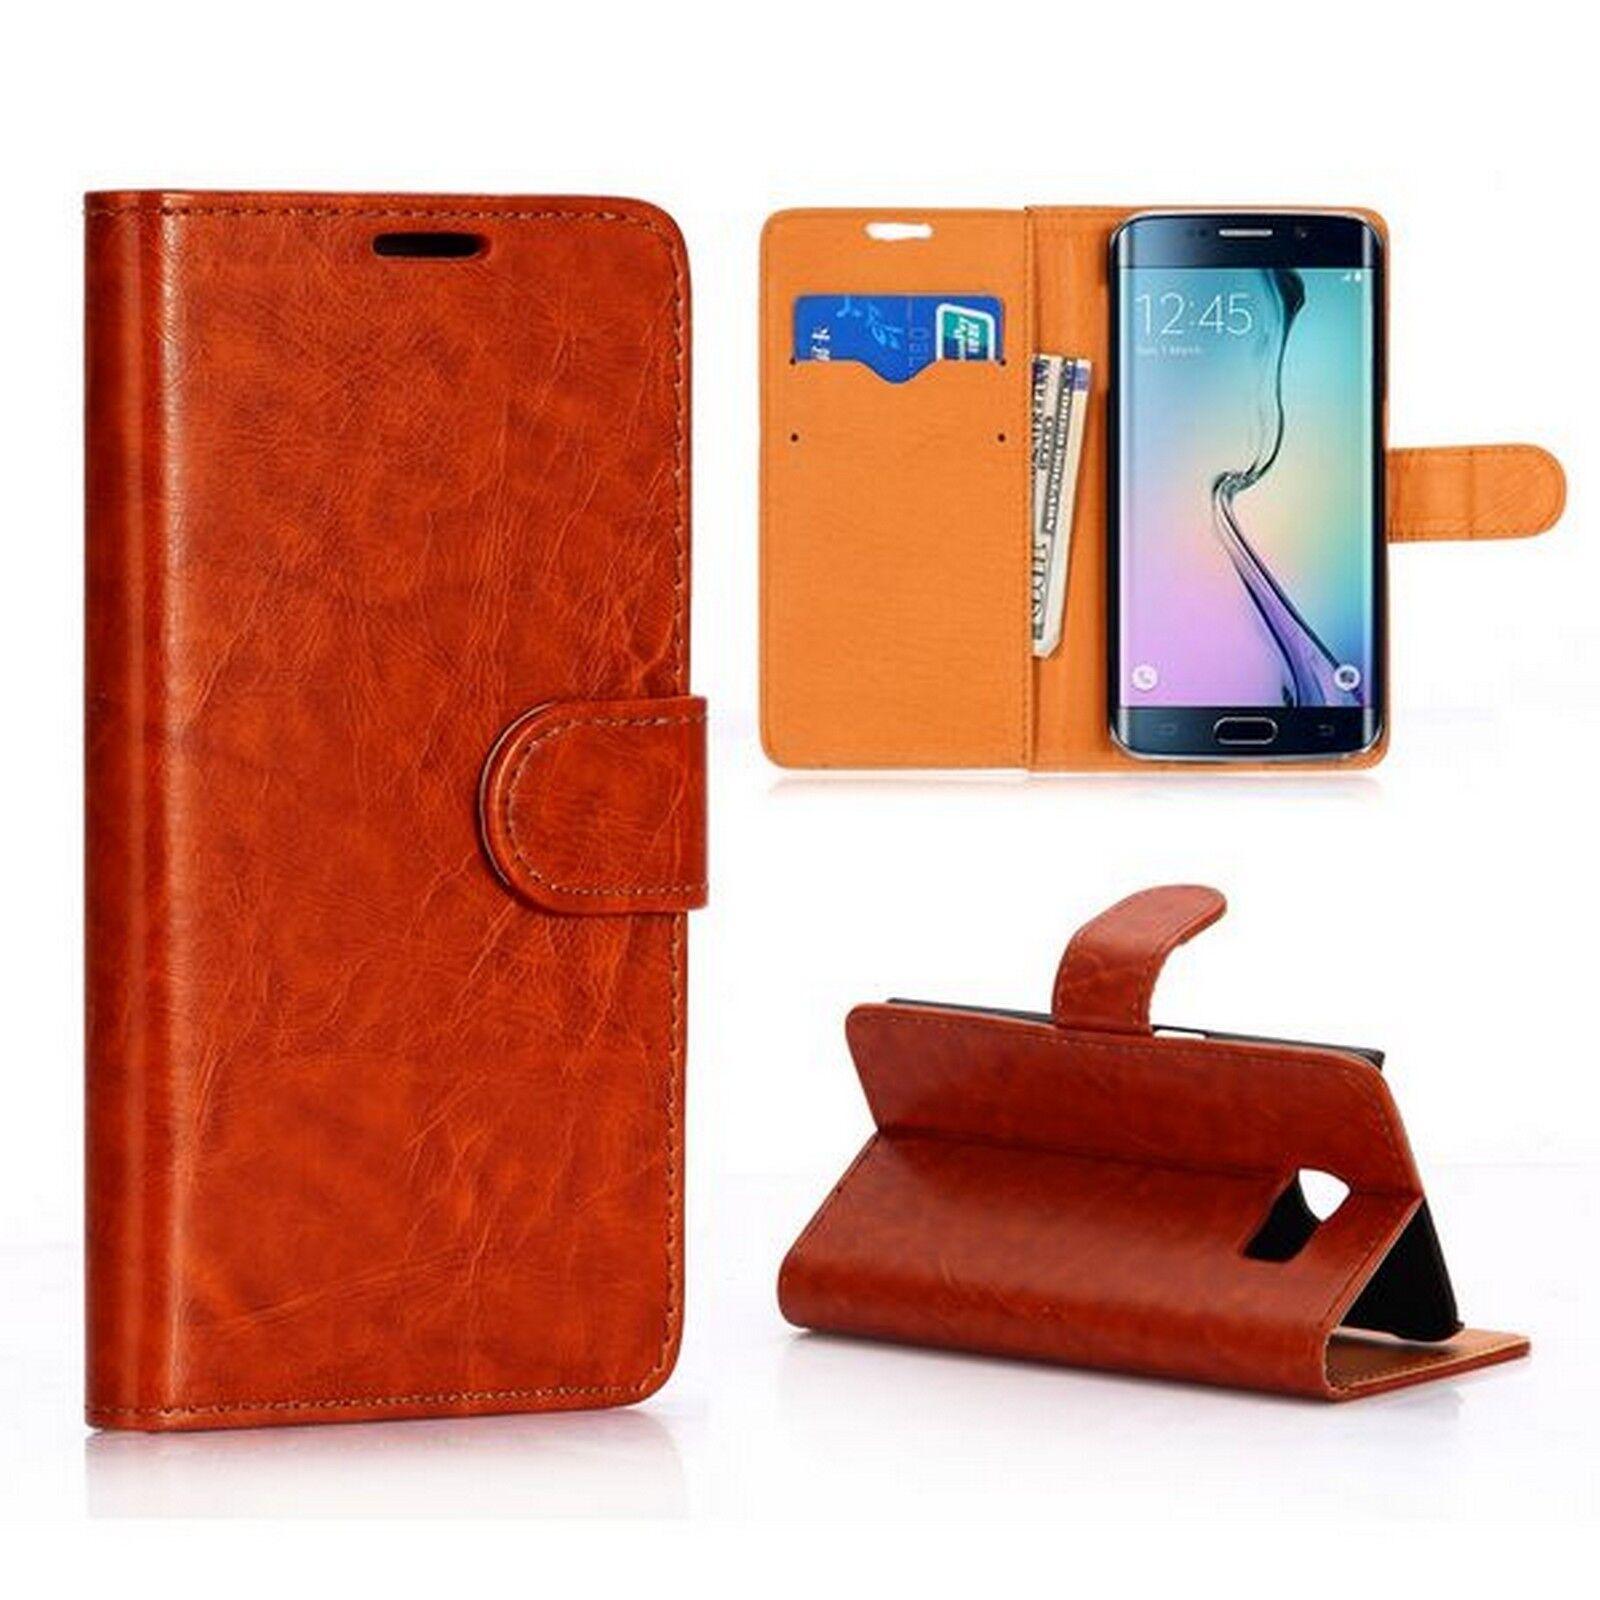 LUXURY Custodia Protettiva in Pelle per Samsung Tab s2 Tablet Custodia Cover Case Stand Marrone